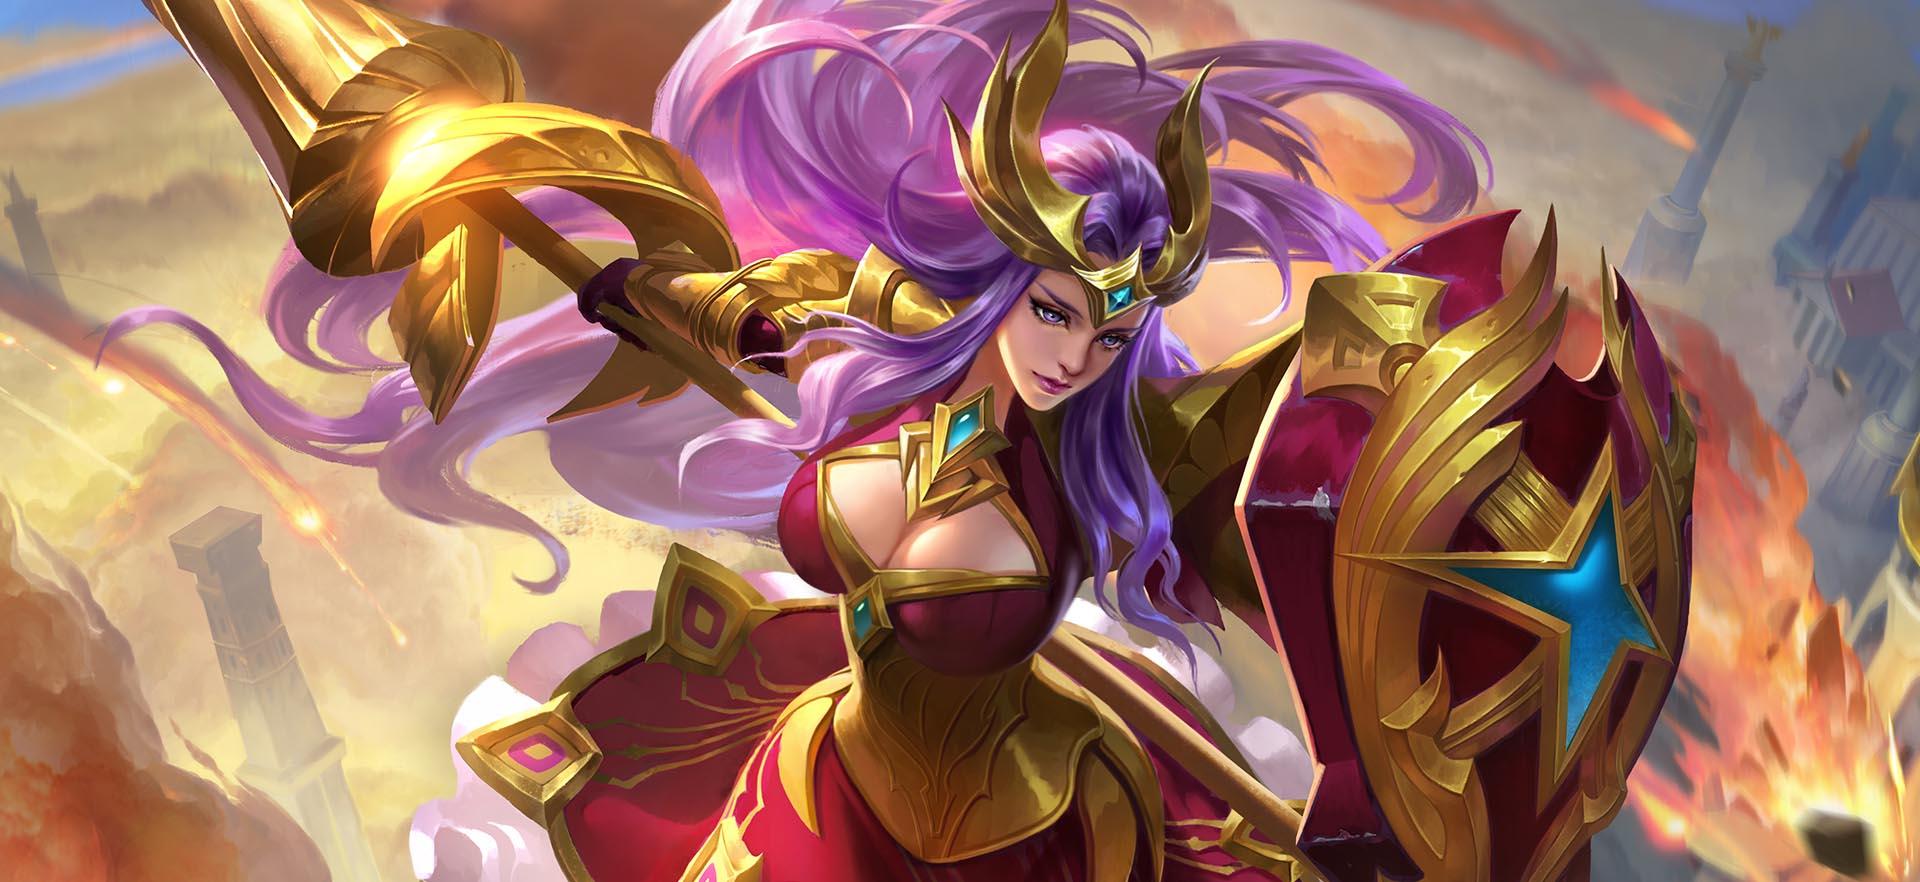 王者荣耀雅典娜胜利女神团战强杀刘备